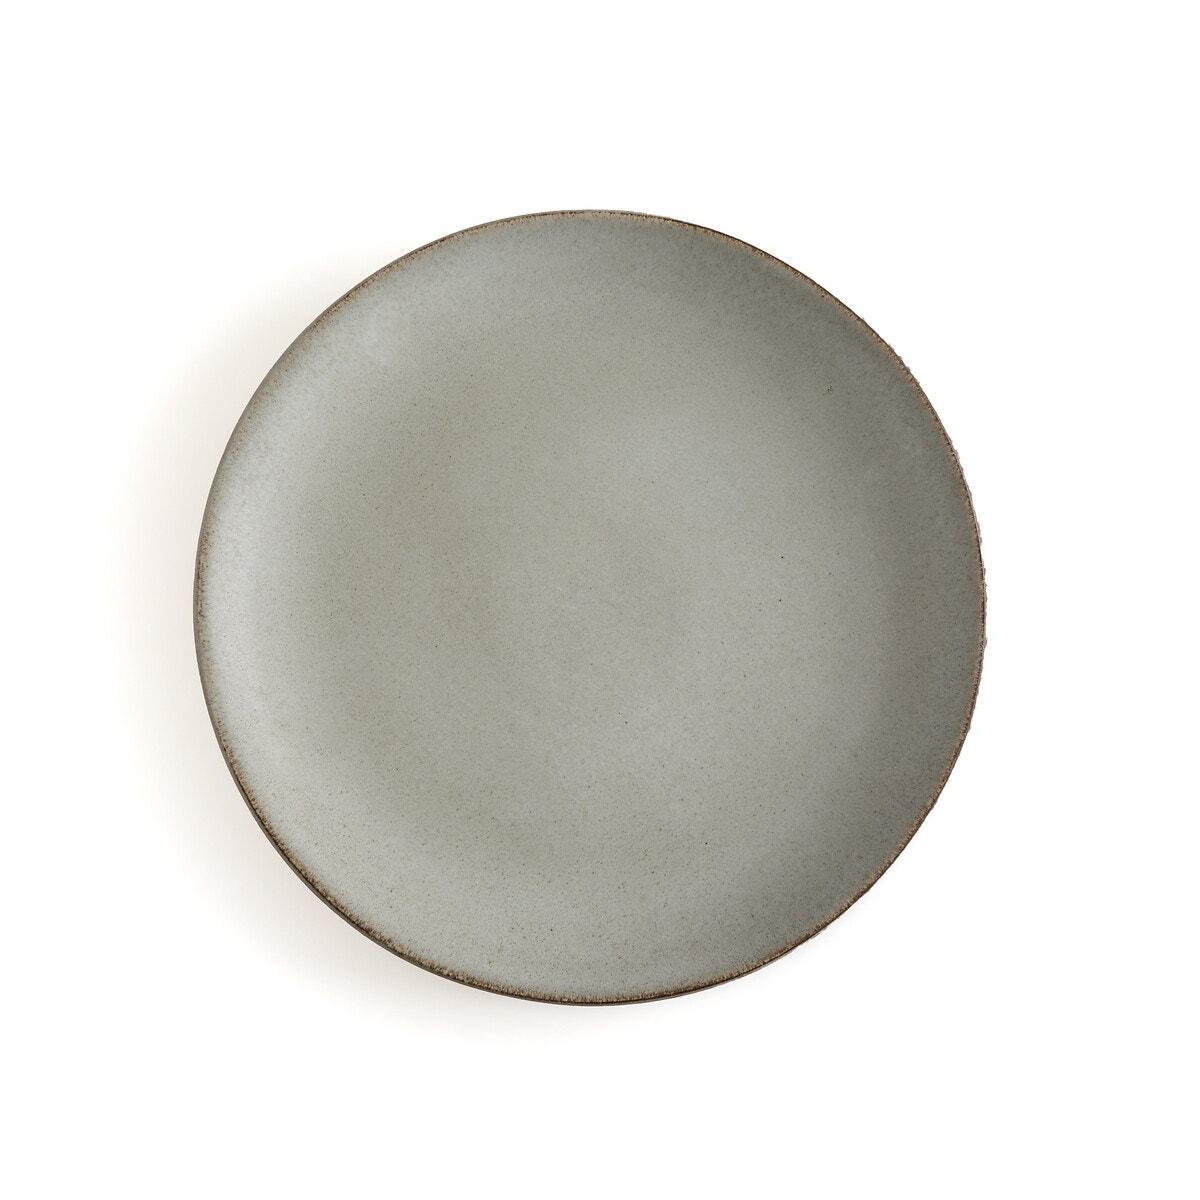 Σετ 4 κεραμικά ρηχά πιάτα, Leiria